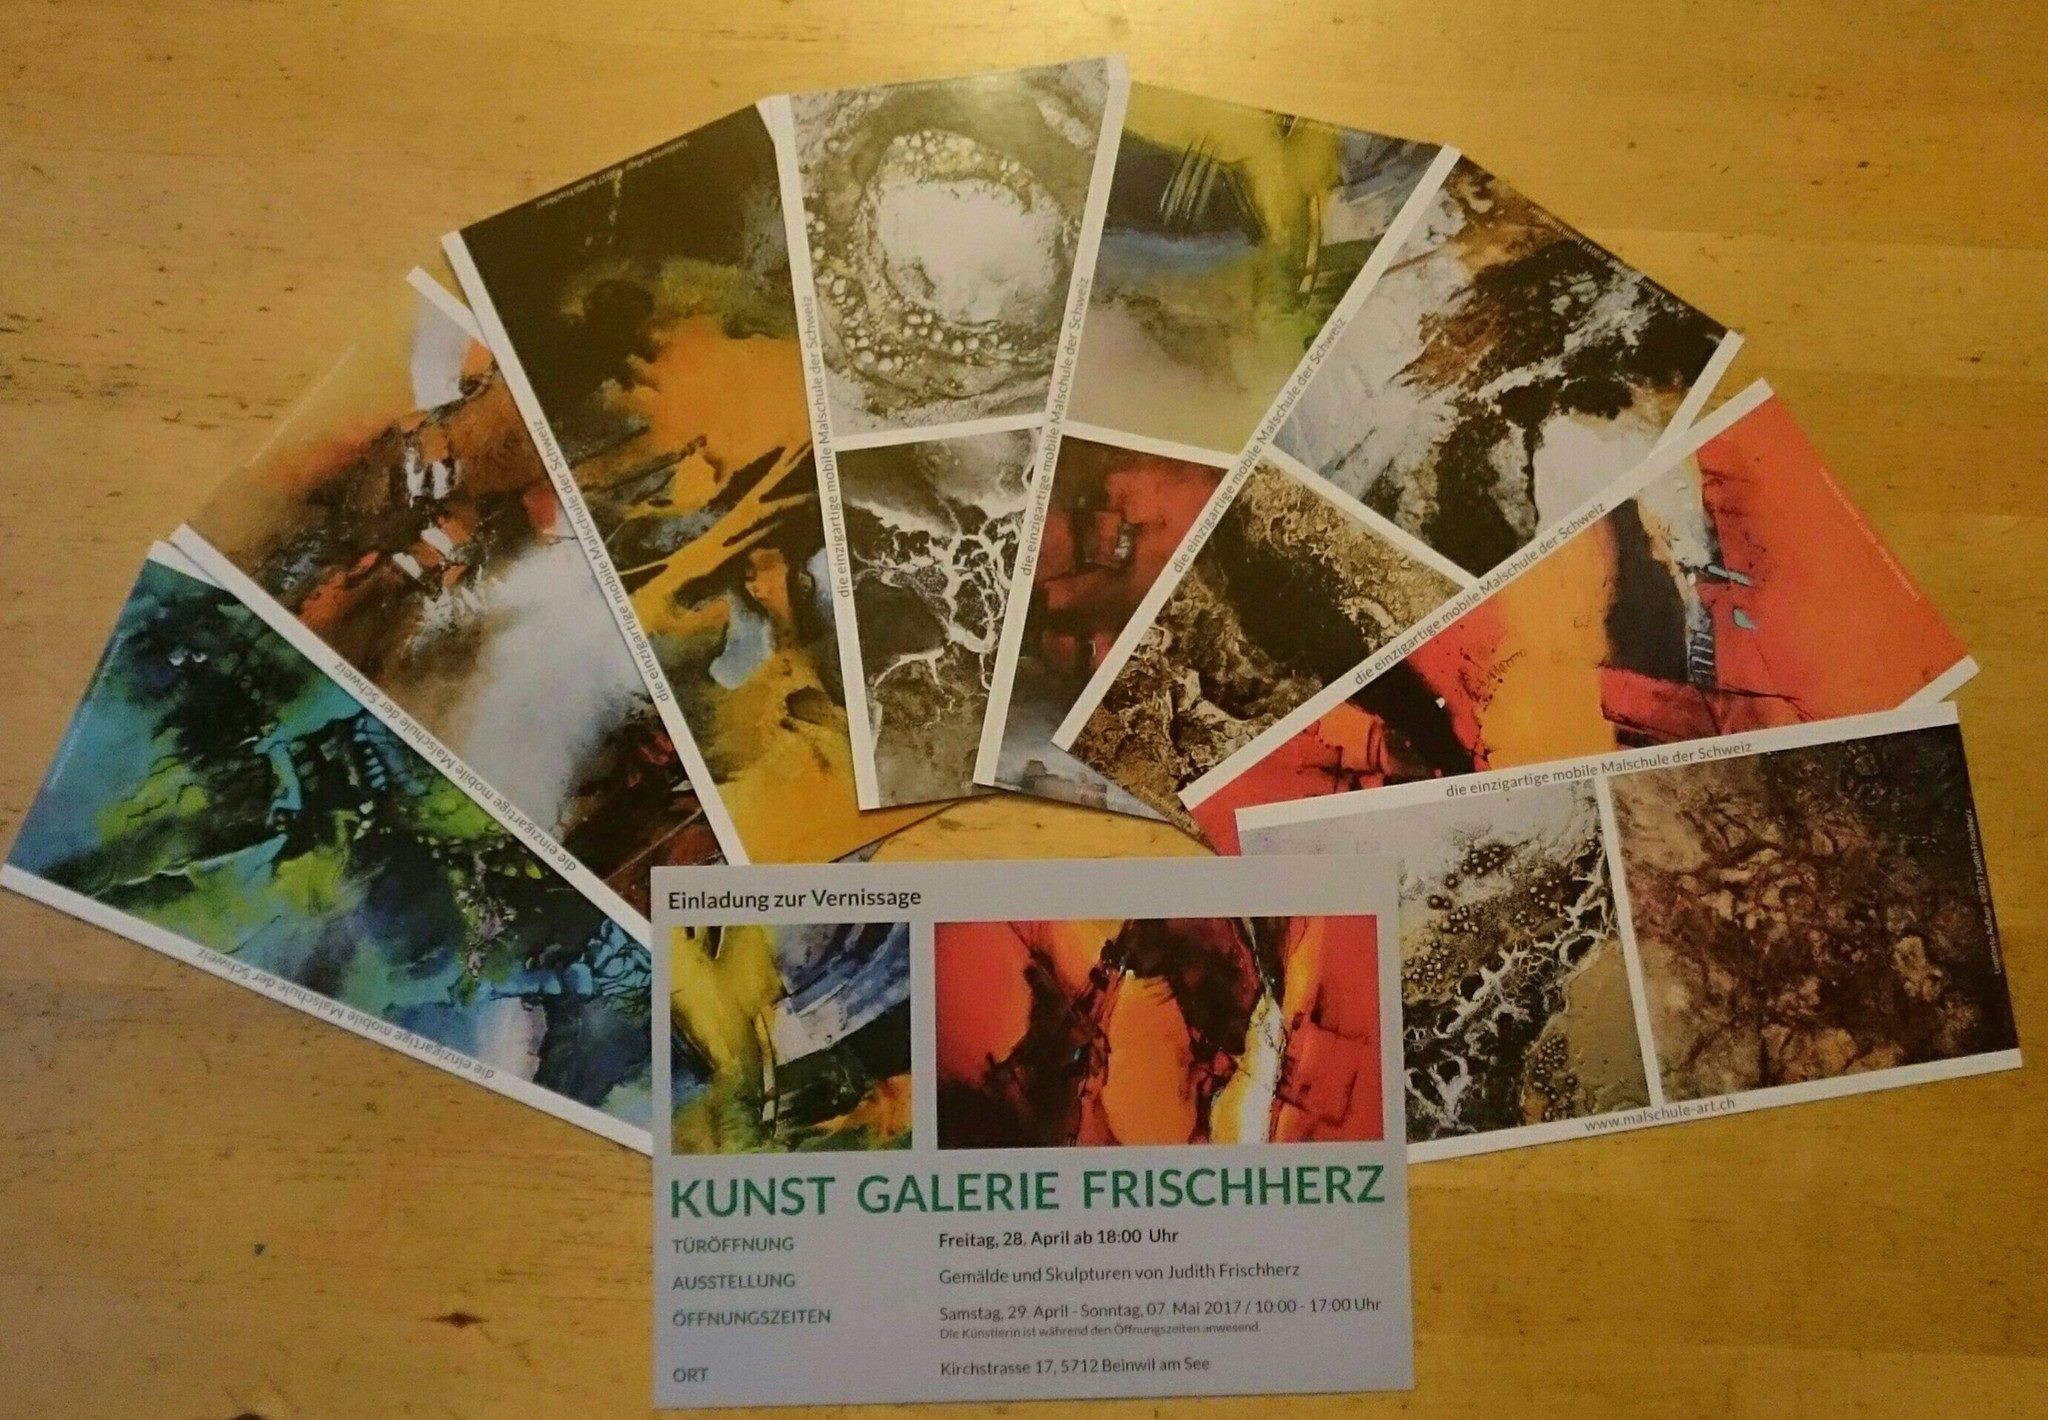 Kunstpostkarten & Einladung Vernissage für Malschule ART - Kunstgalerie Frischherz